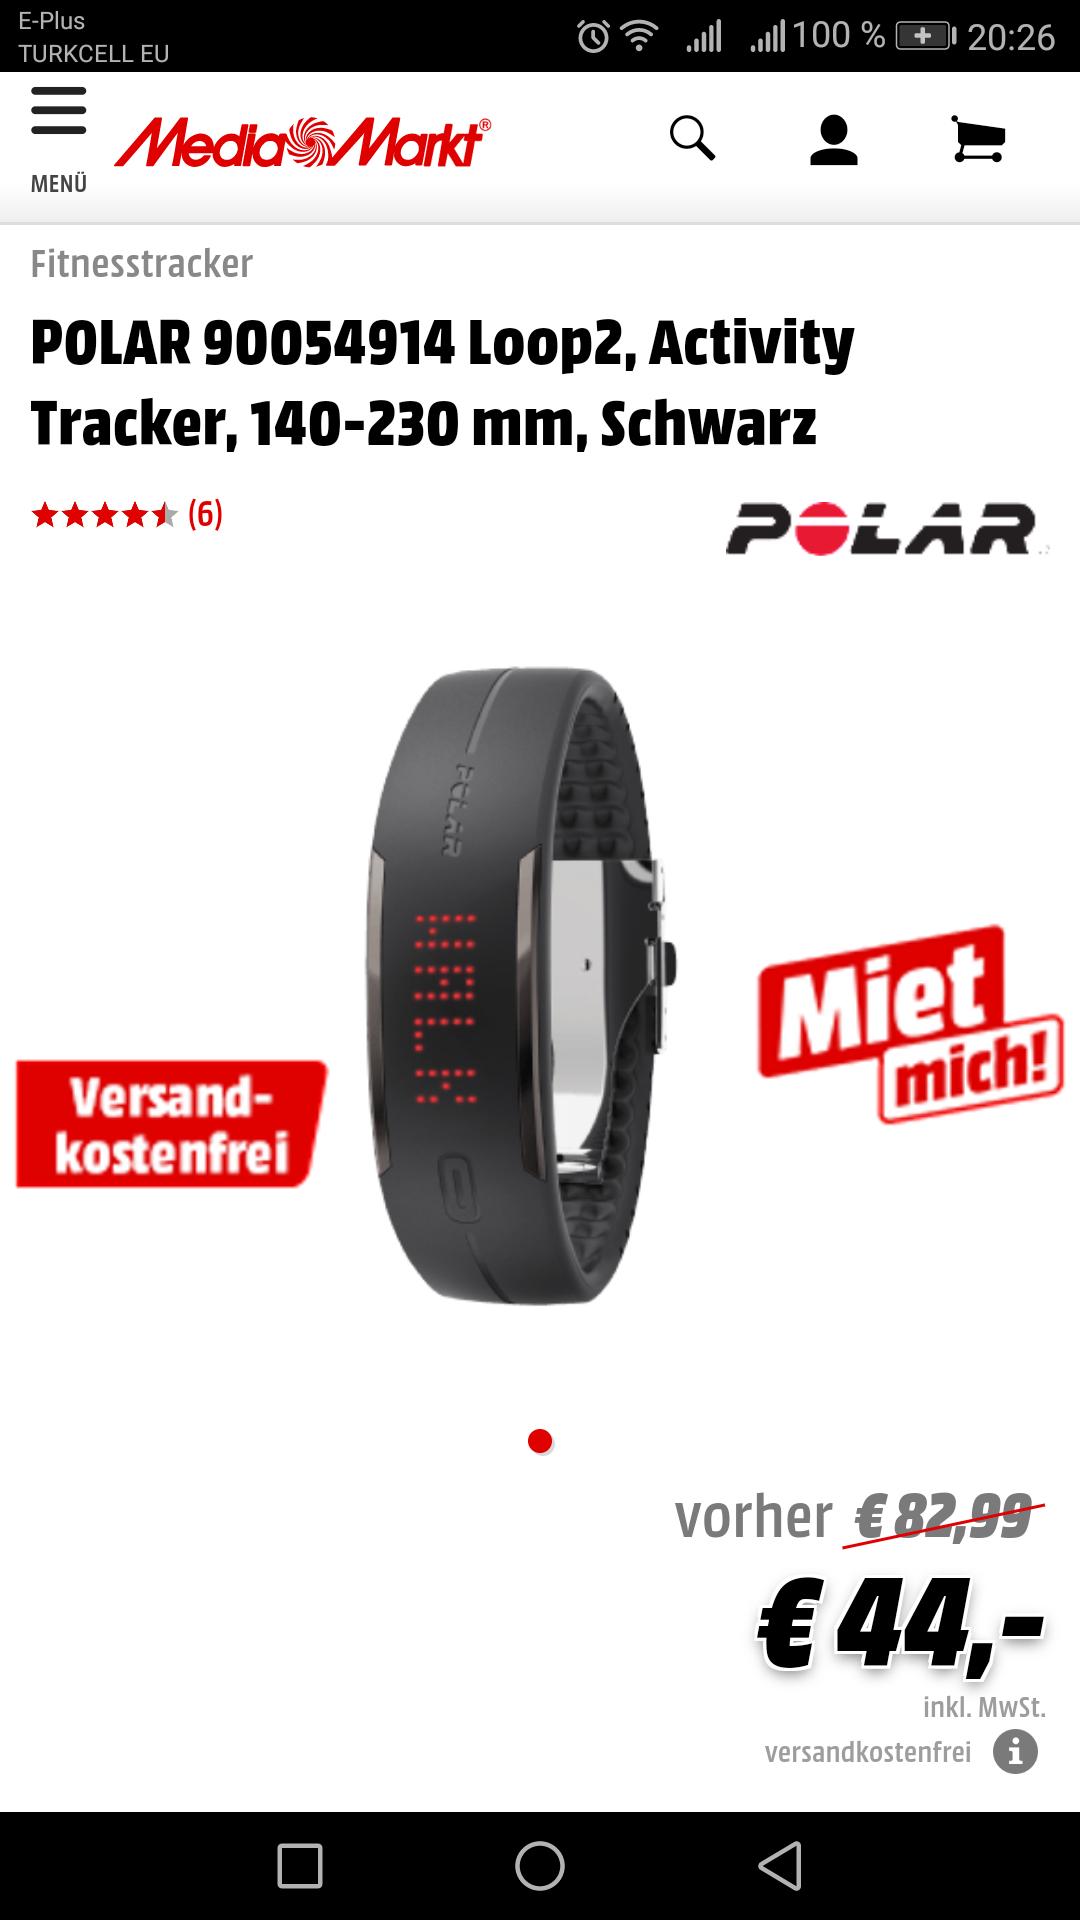 [Media Markt Online] Polar Loop 2 Activity Tracker Schwarz/Weiß/Pink /Versandkostenfrei